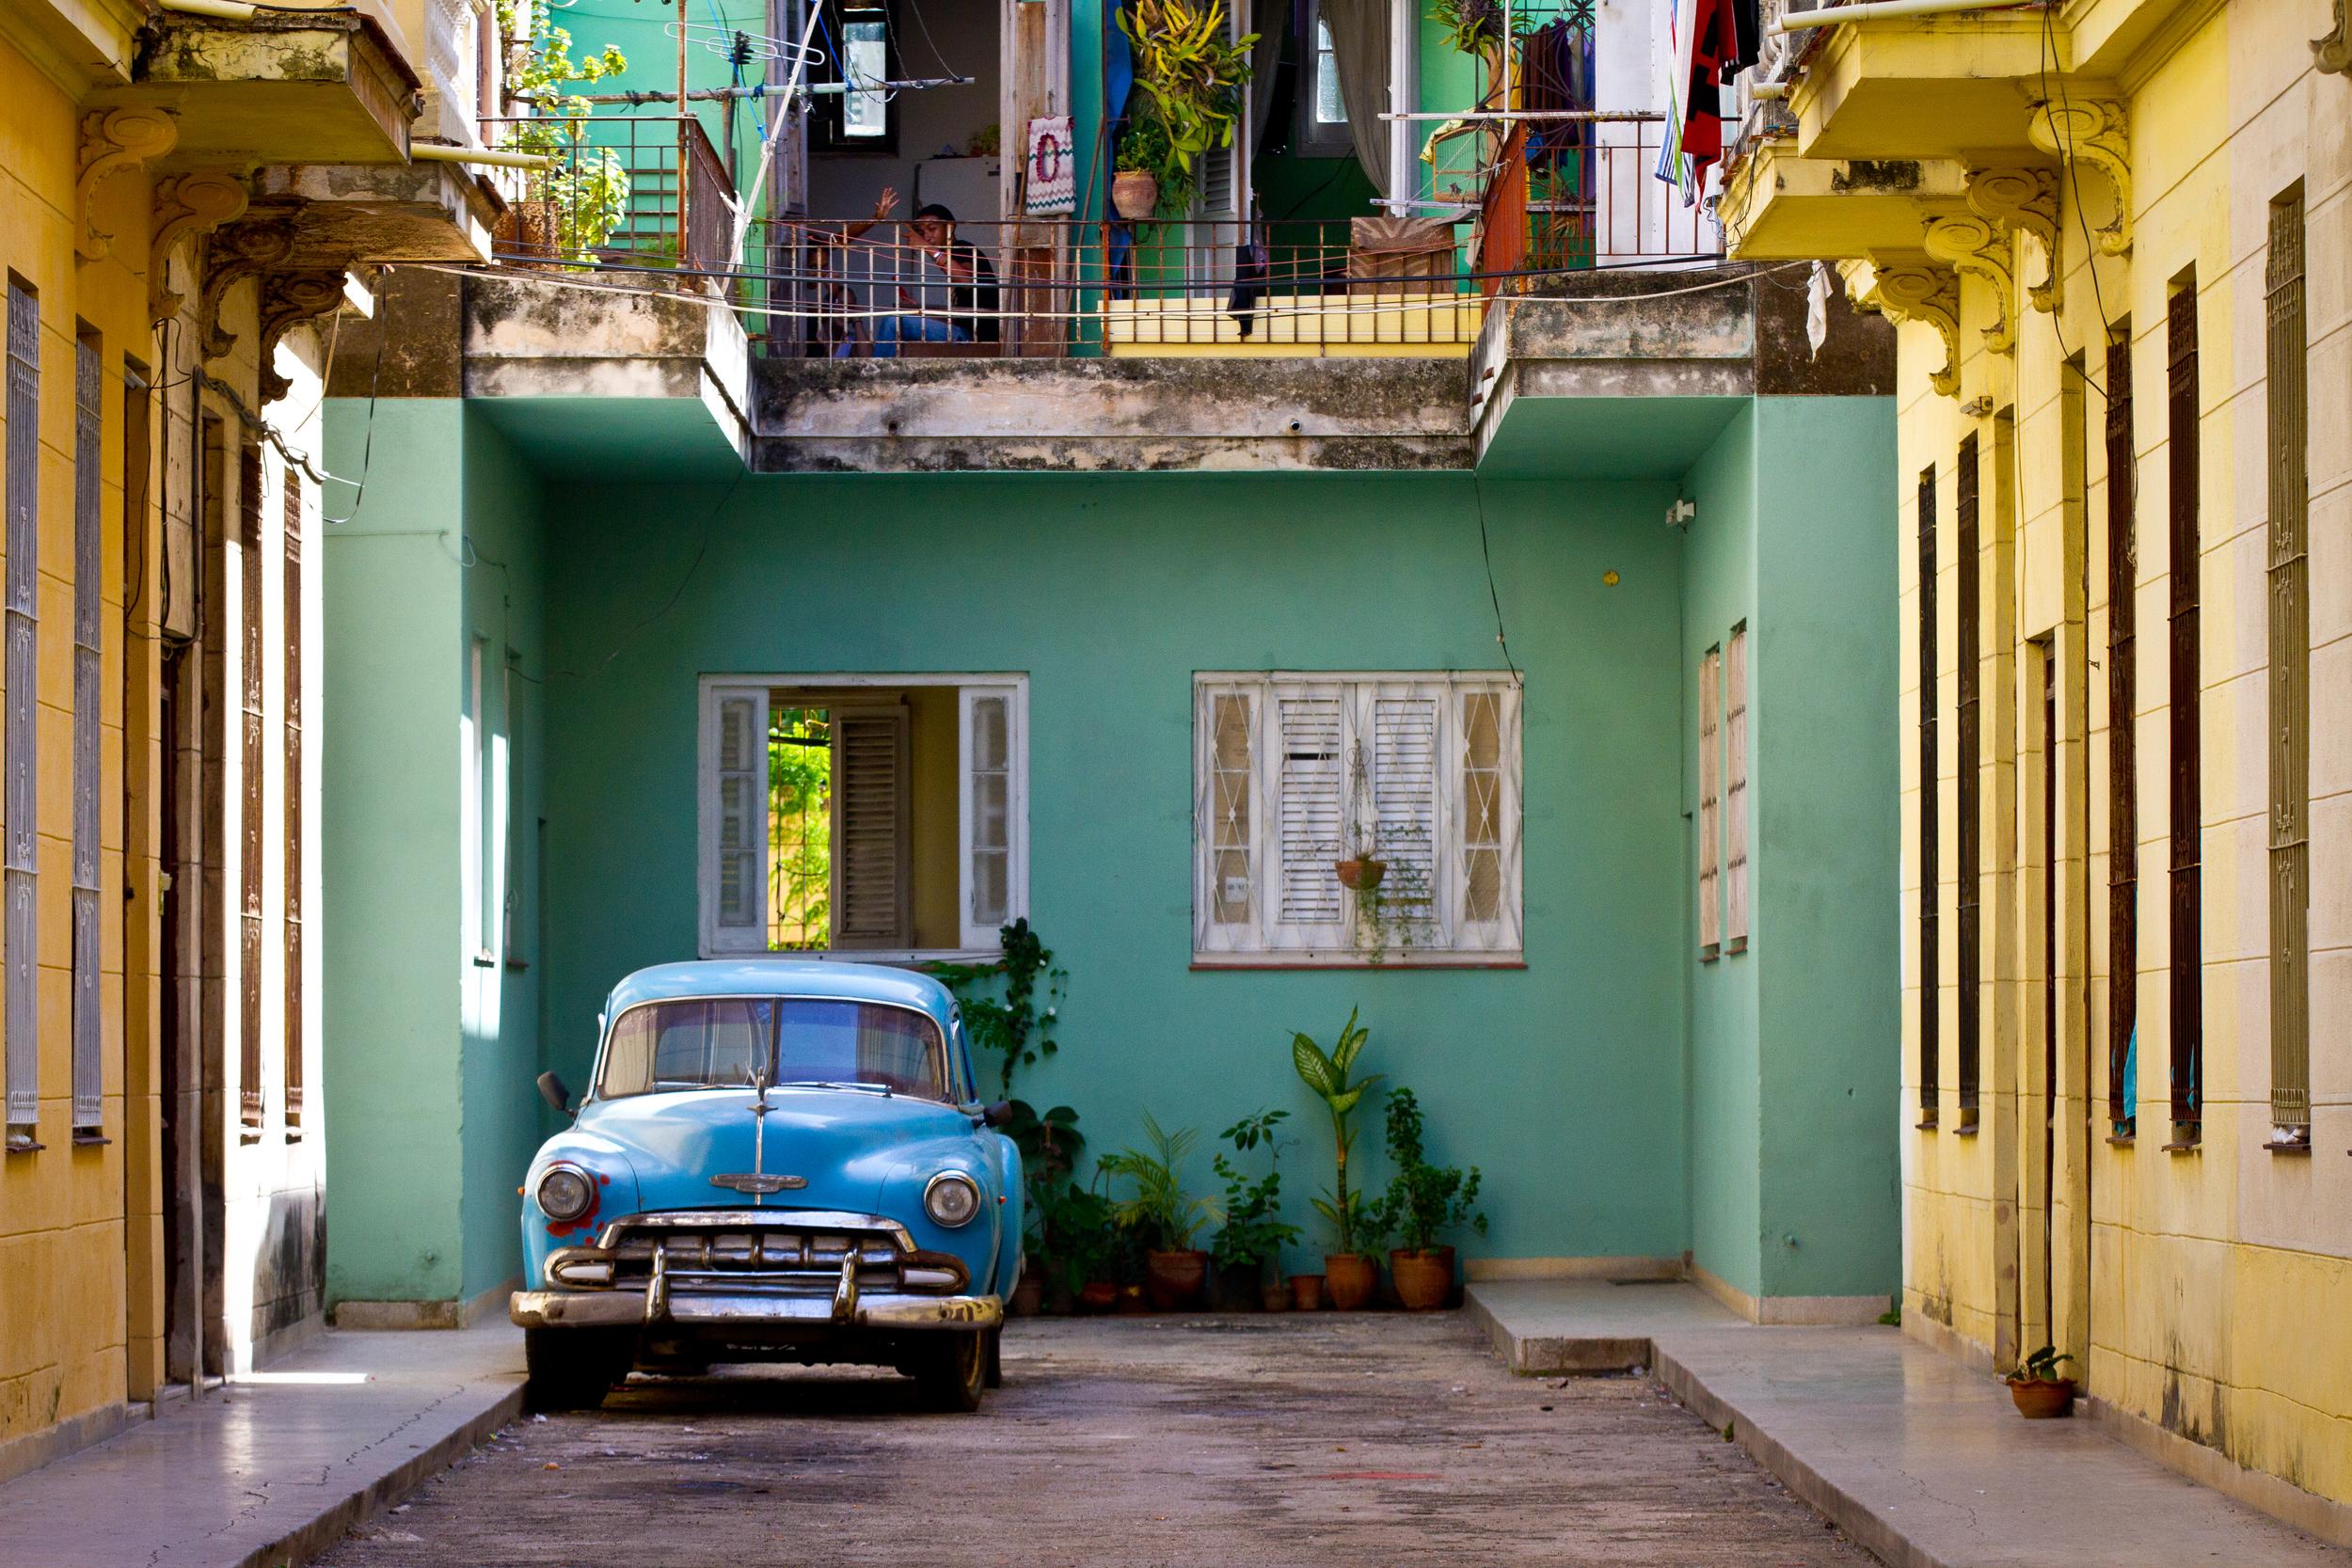 Beautiful vintage car in beautiful ally in Havana Cuba